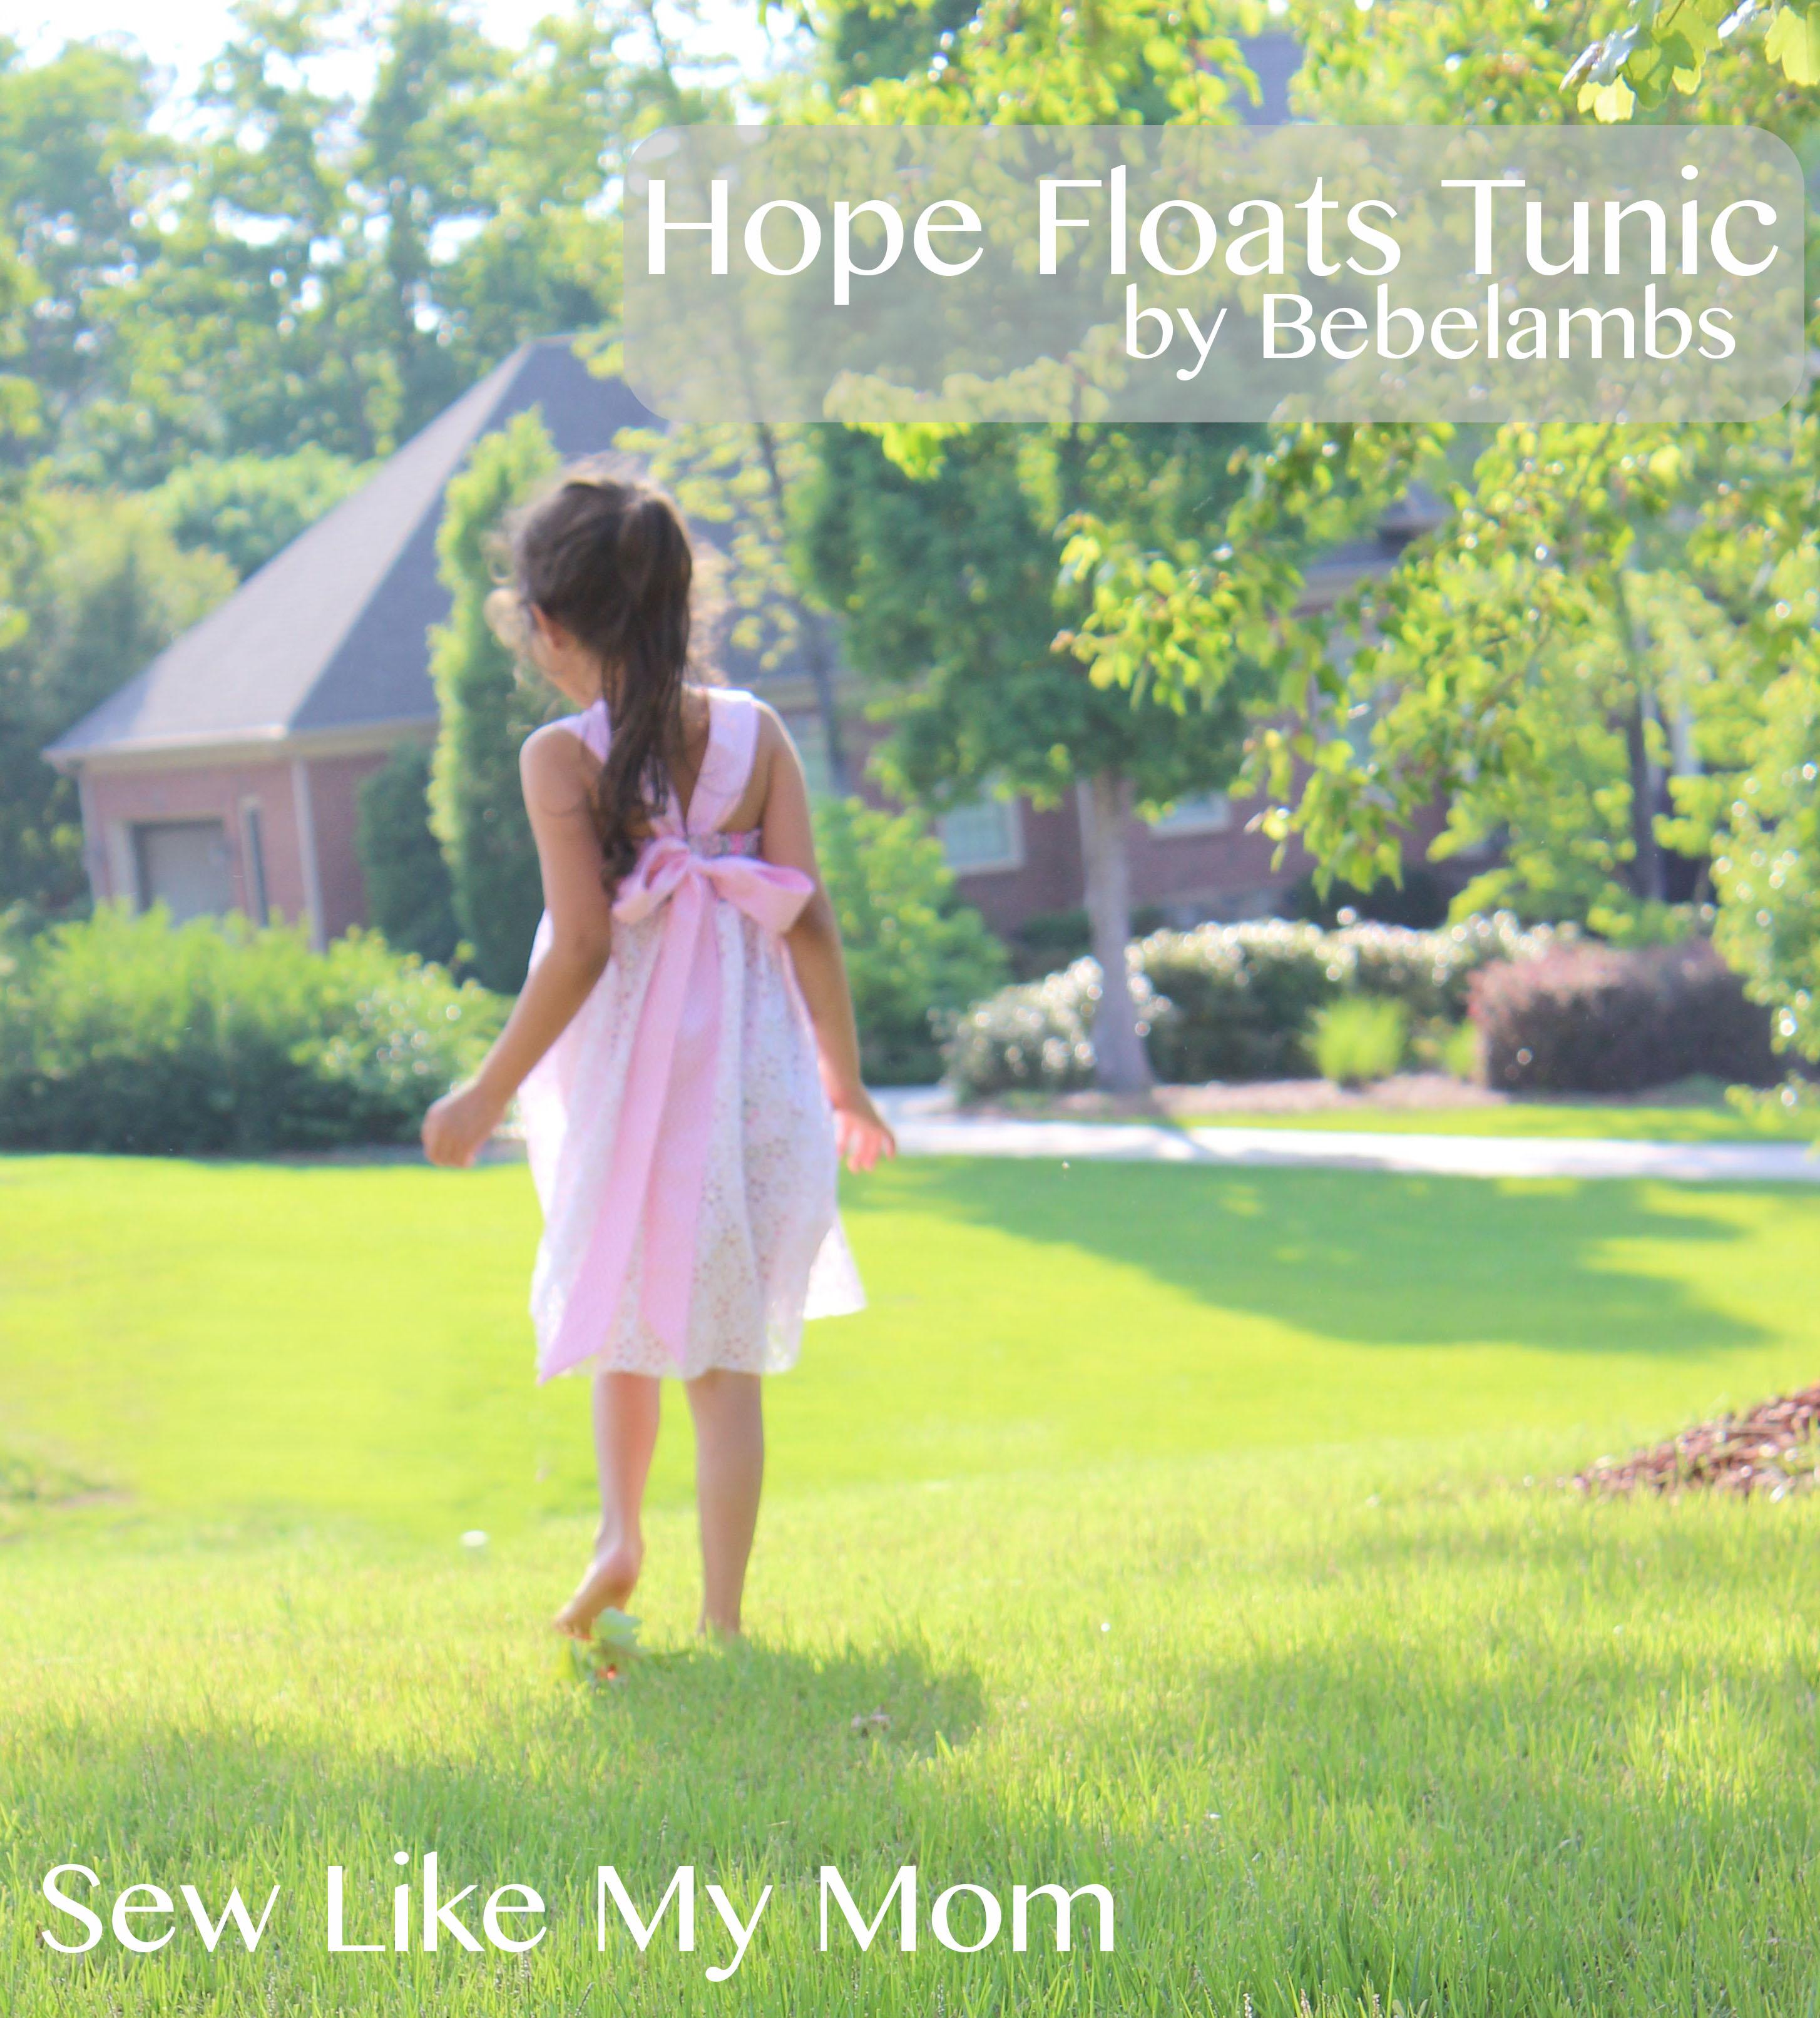 Sew Like My Mom | Hope Floats